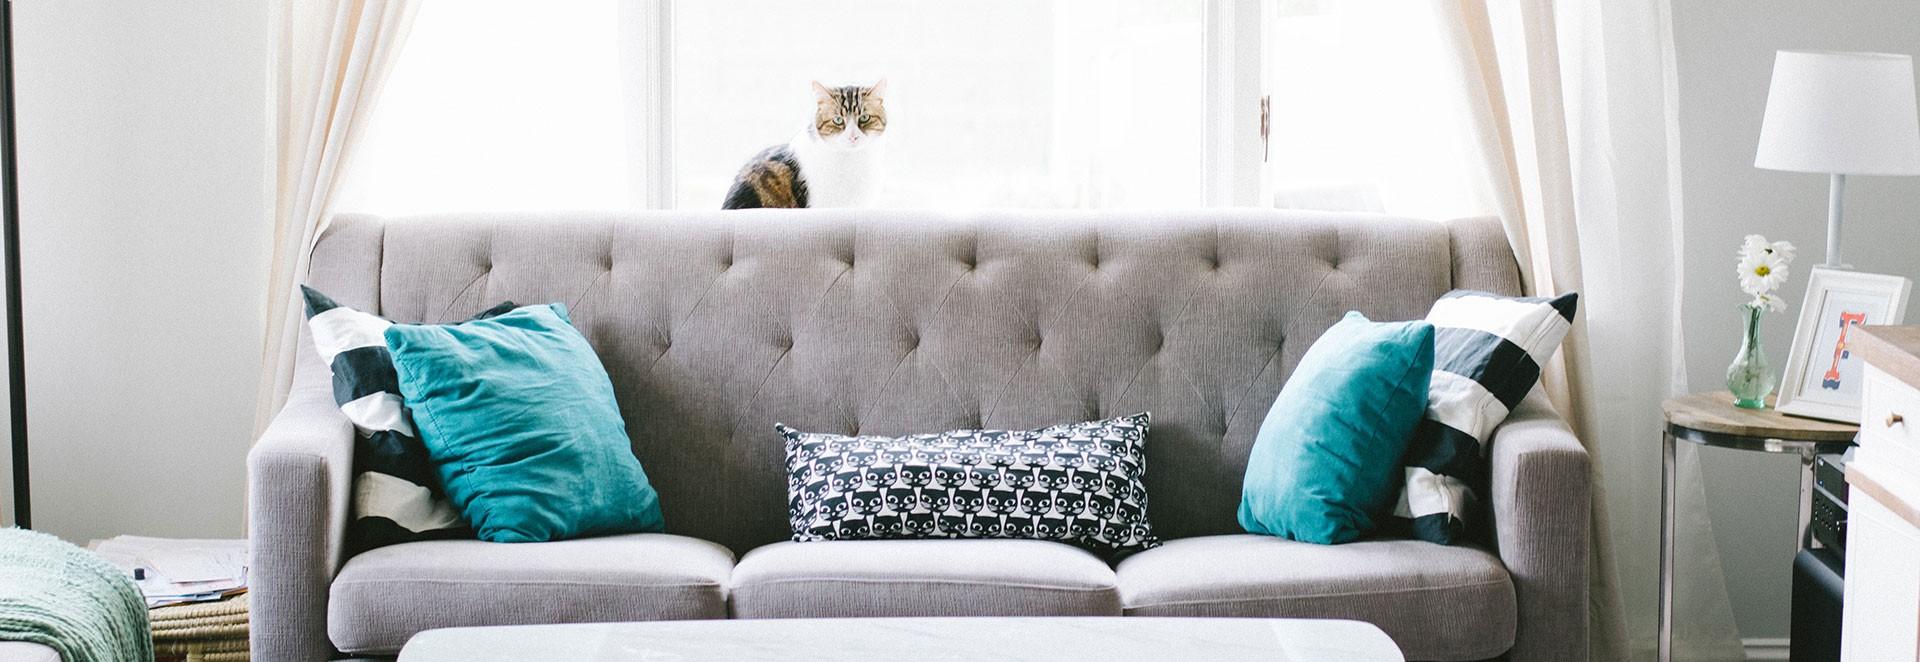 BelDeko vous propose une large gamme de meubles exotiques, meubles coloniaux, meubles contemporains. Nous importons pour vous des meubles en Palissandre, Hévéa ...